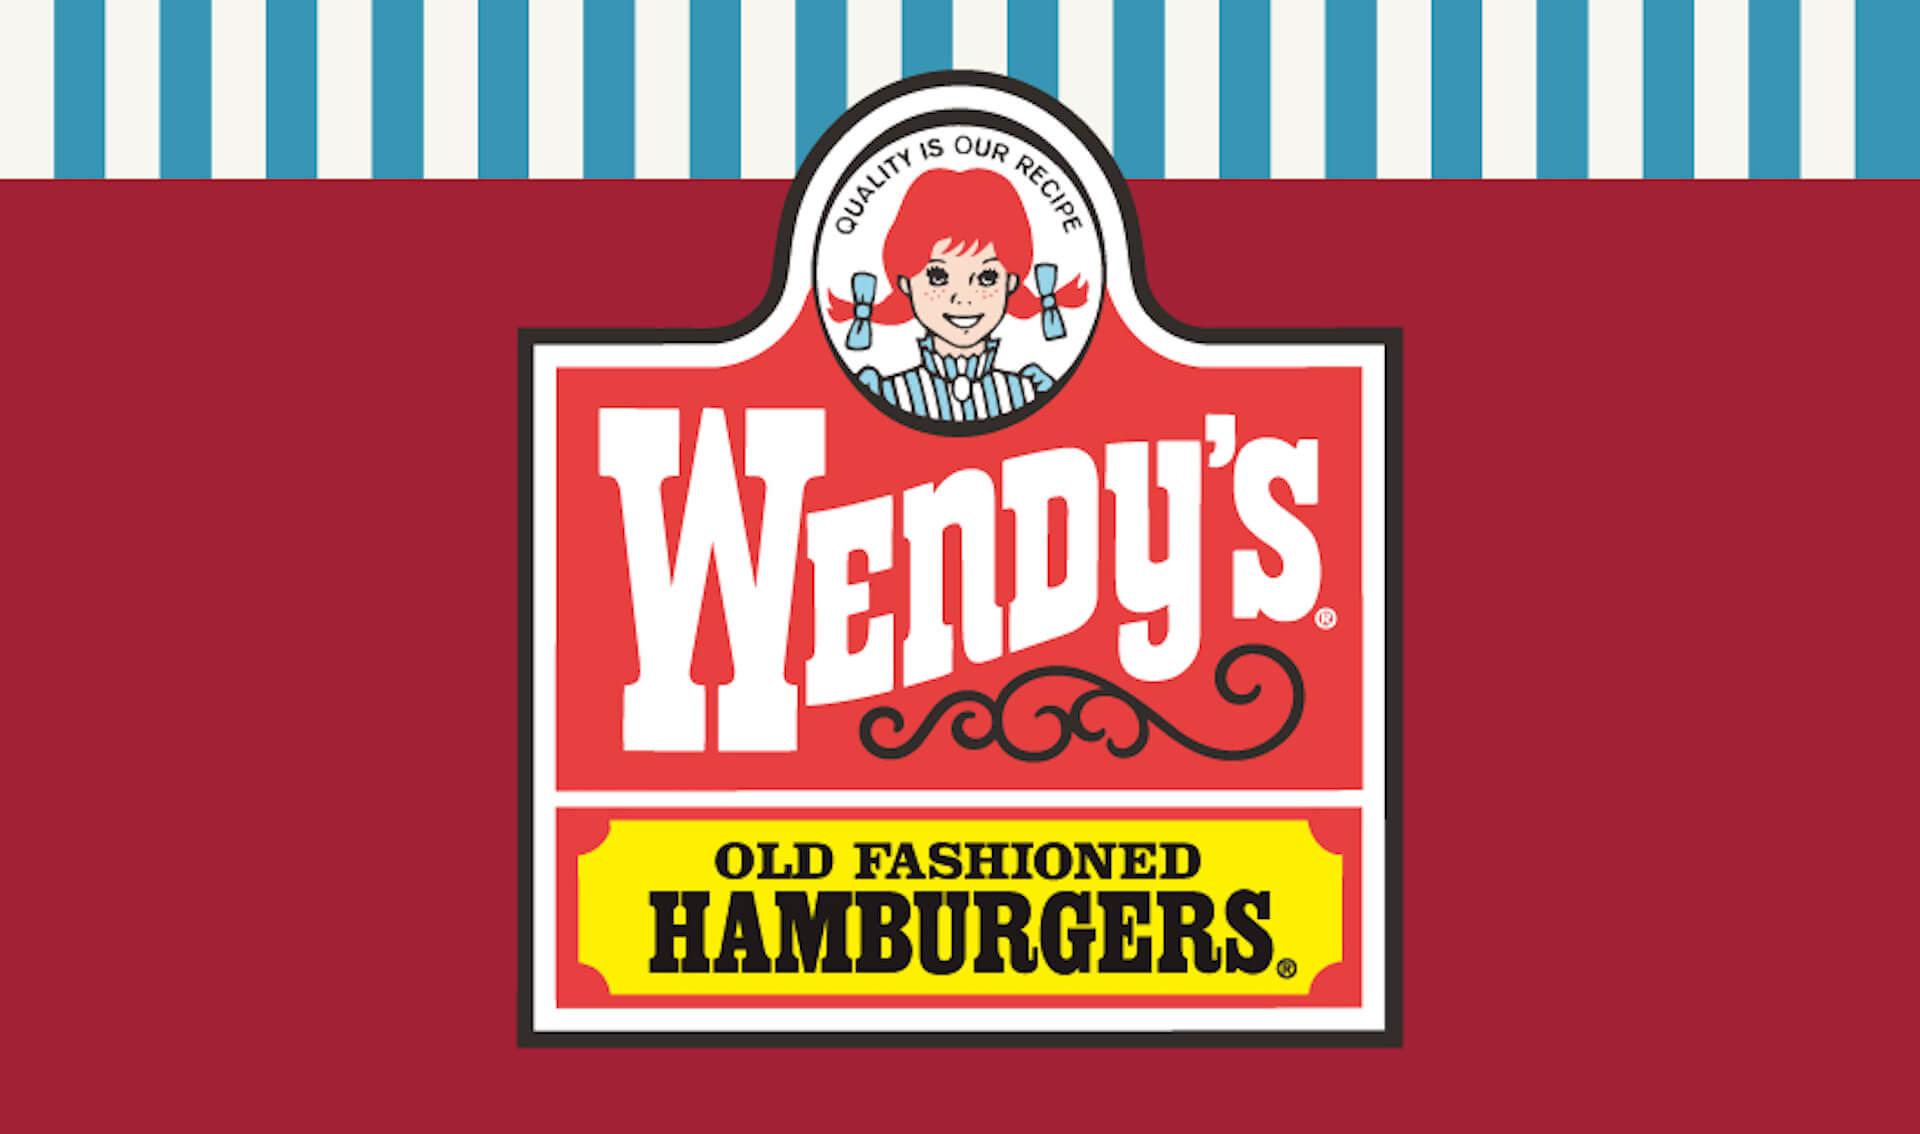 『212 KITCHEN STORE』から『Wendy's』とのコラボアイテムが登場!ロゴやマークをあしらったランチグッズなども販売 life2020925-wendys7